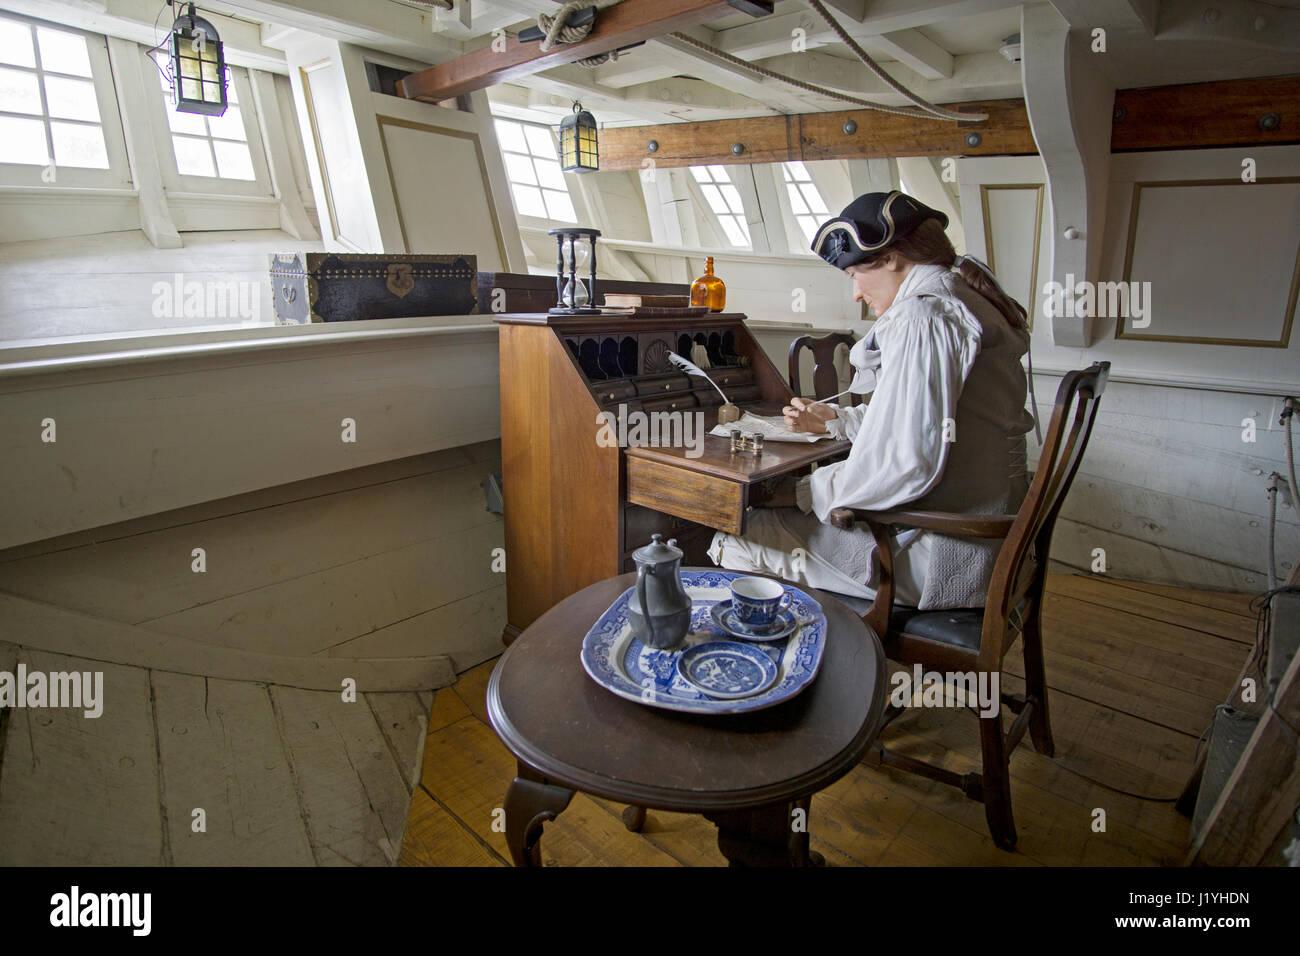 boston tea party historical stock photos u0026 boston tea party